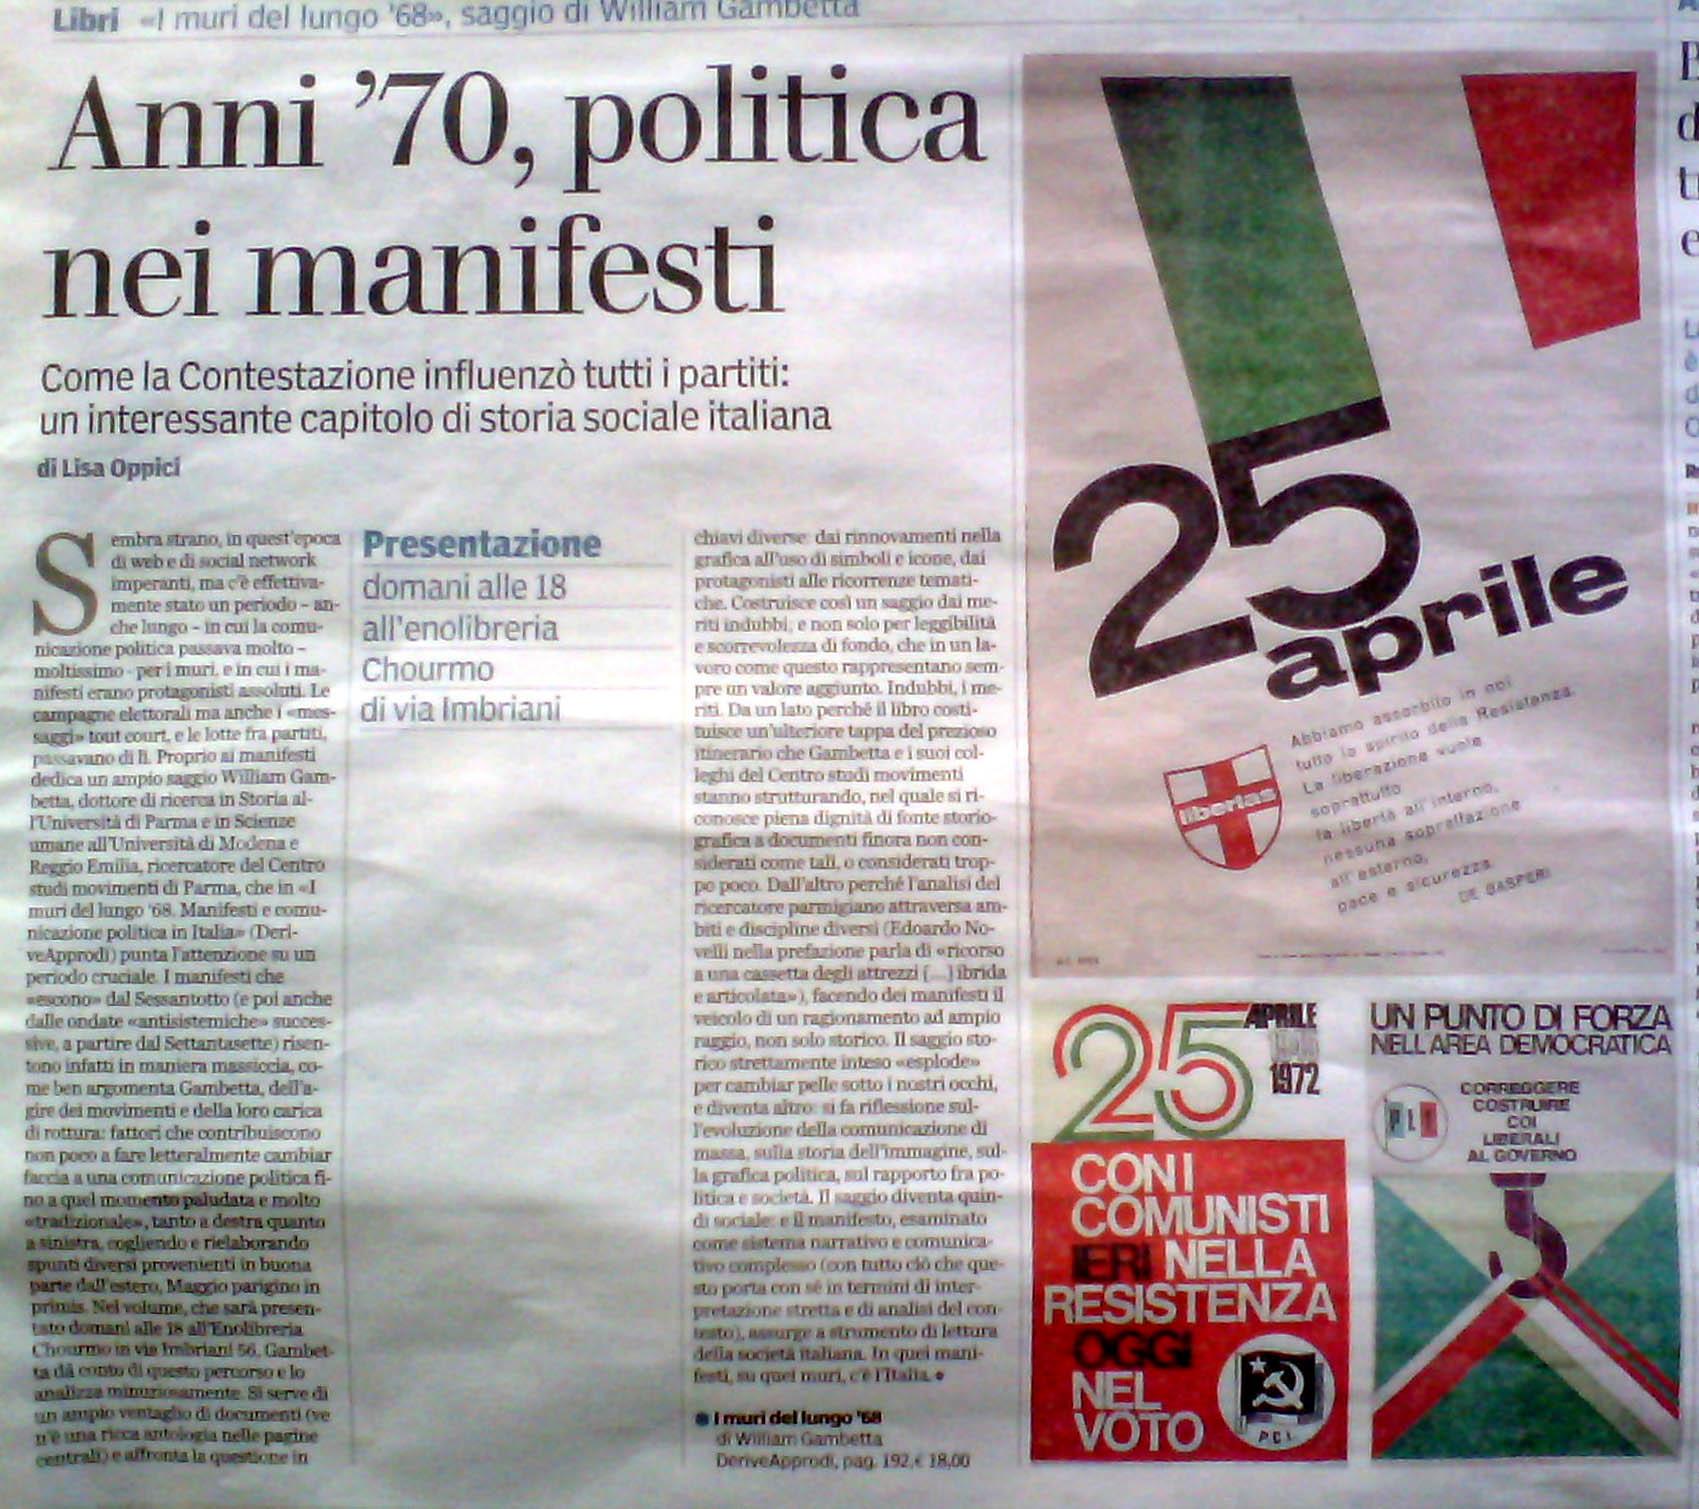 Gazzetta di Parma 23 ottobre 2014 pag 49